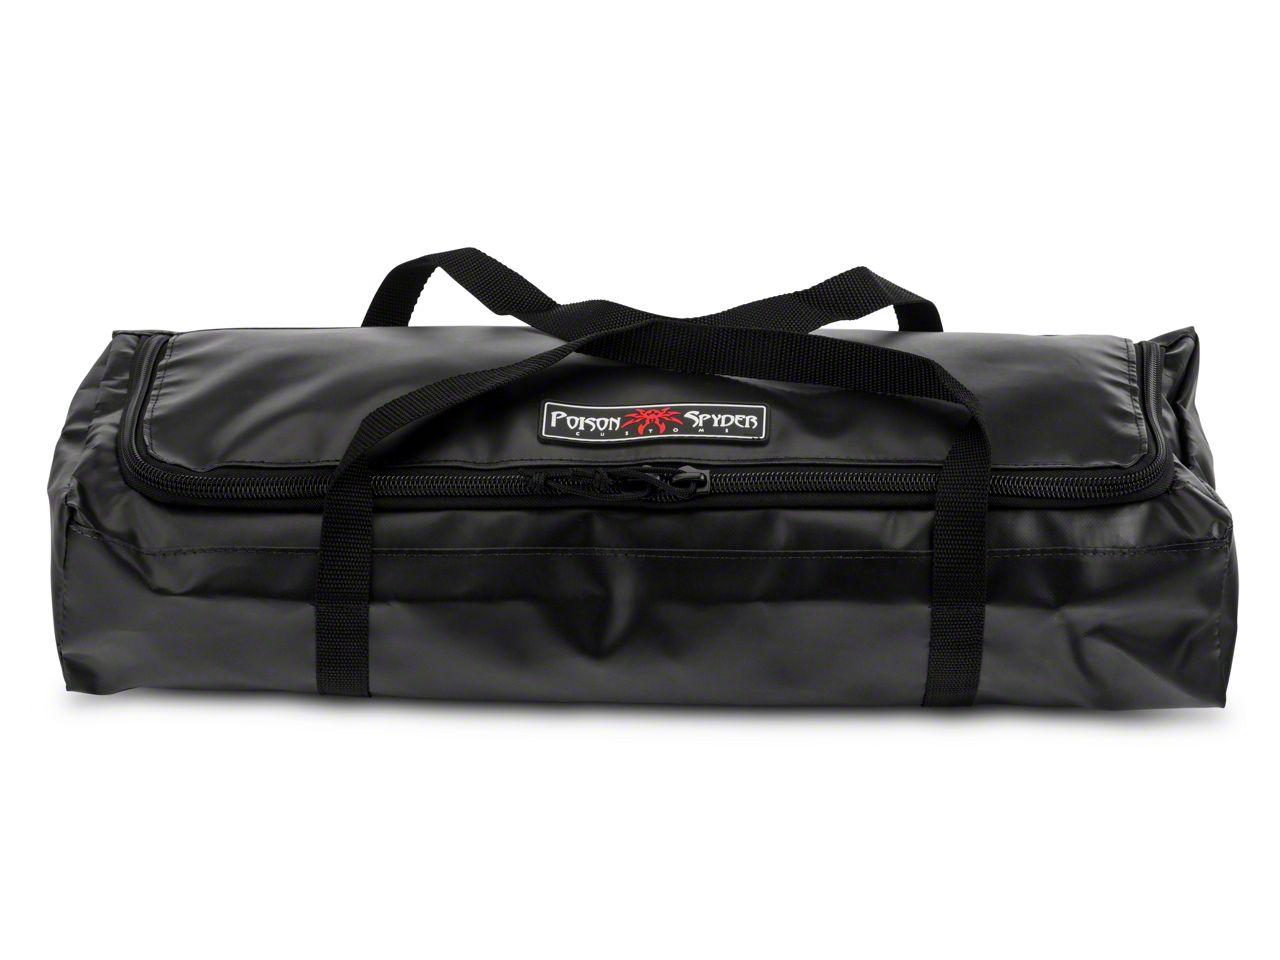 Poison Spyder PS Gear Bag 22x8x5 JK Trunk